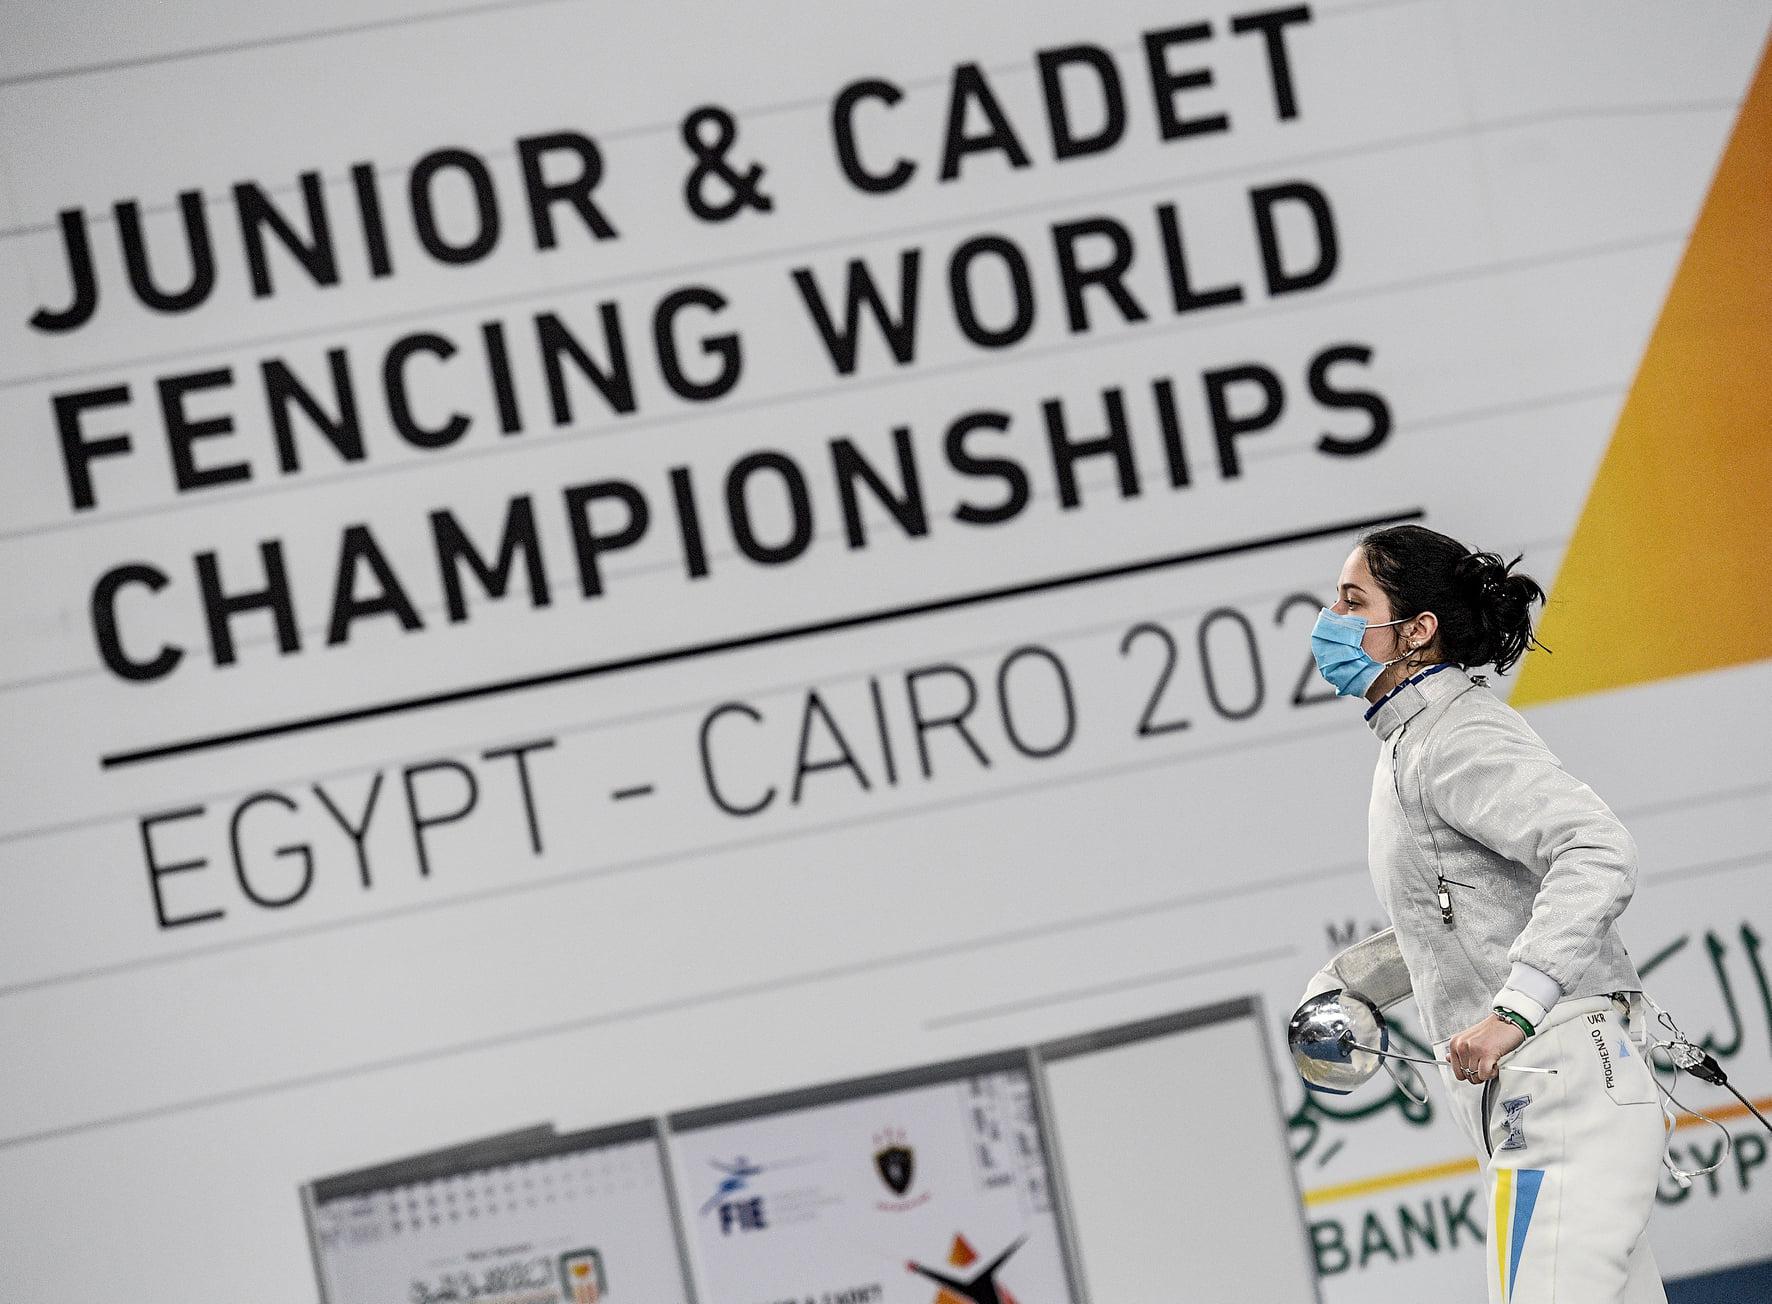 ЮЧС 2021 Каїр: Проченко приносить Україні першу медаль чемпіонату світу серед кадетів та юніорів